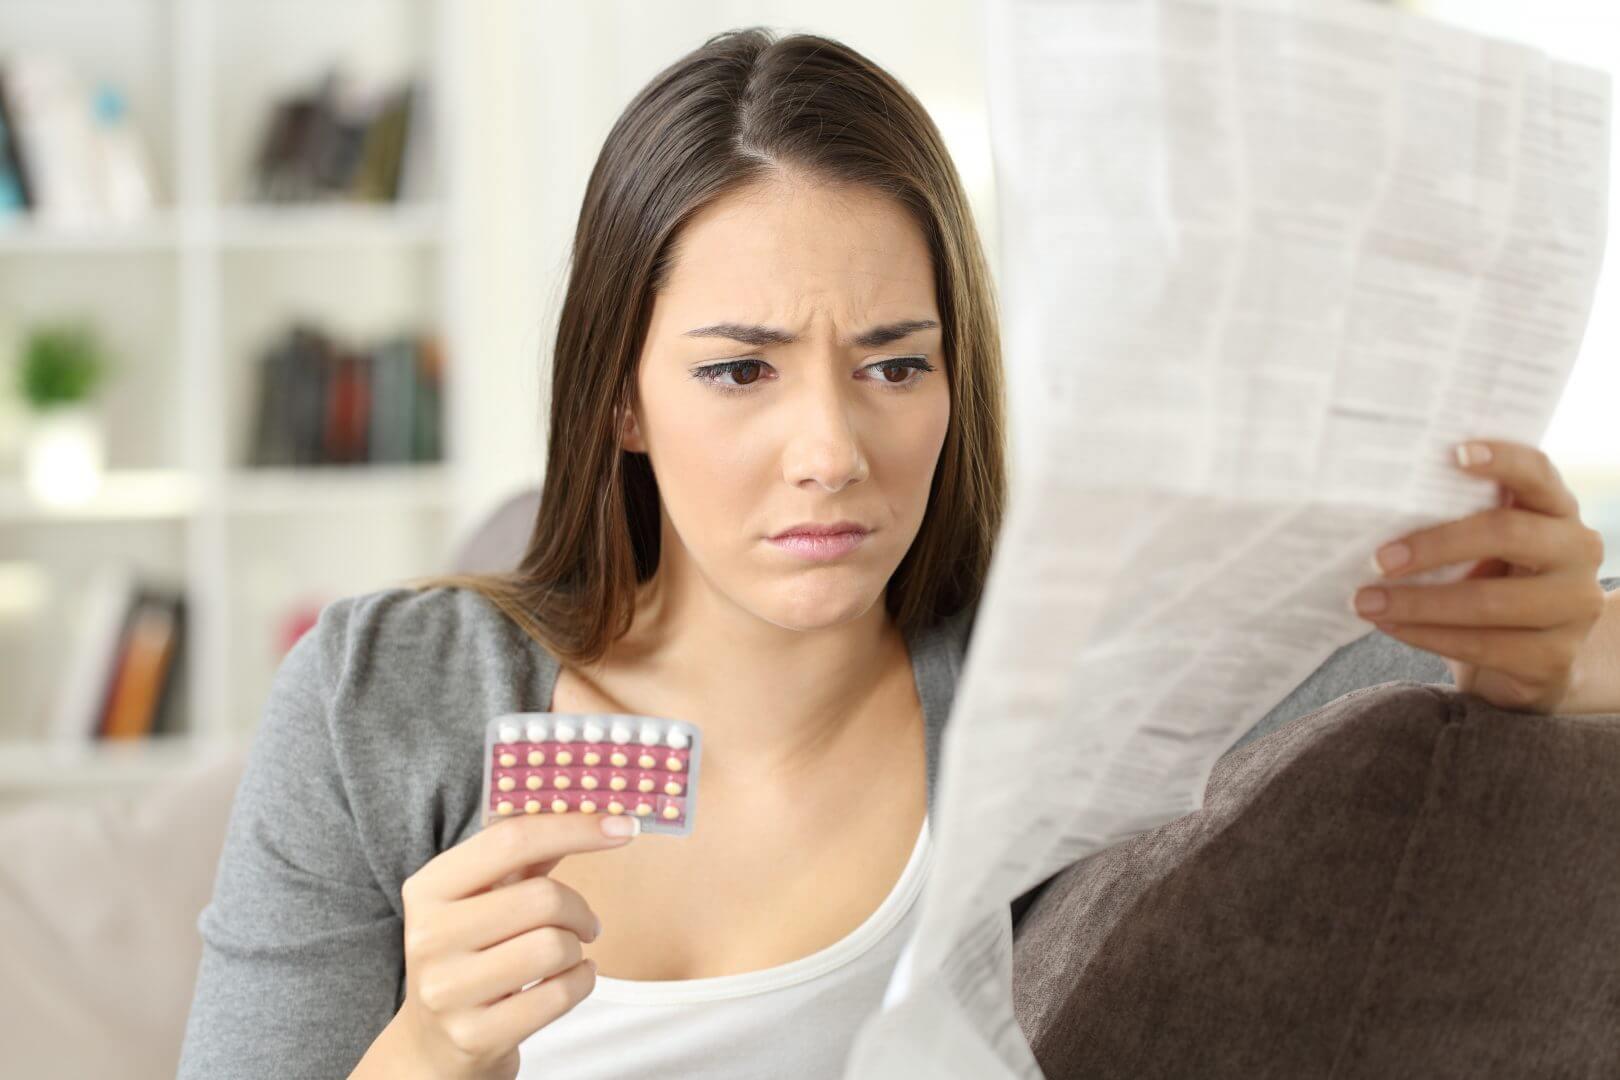 P-piller mod uren hud